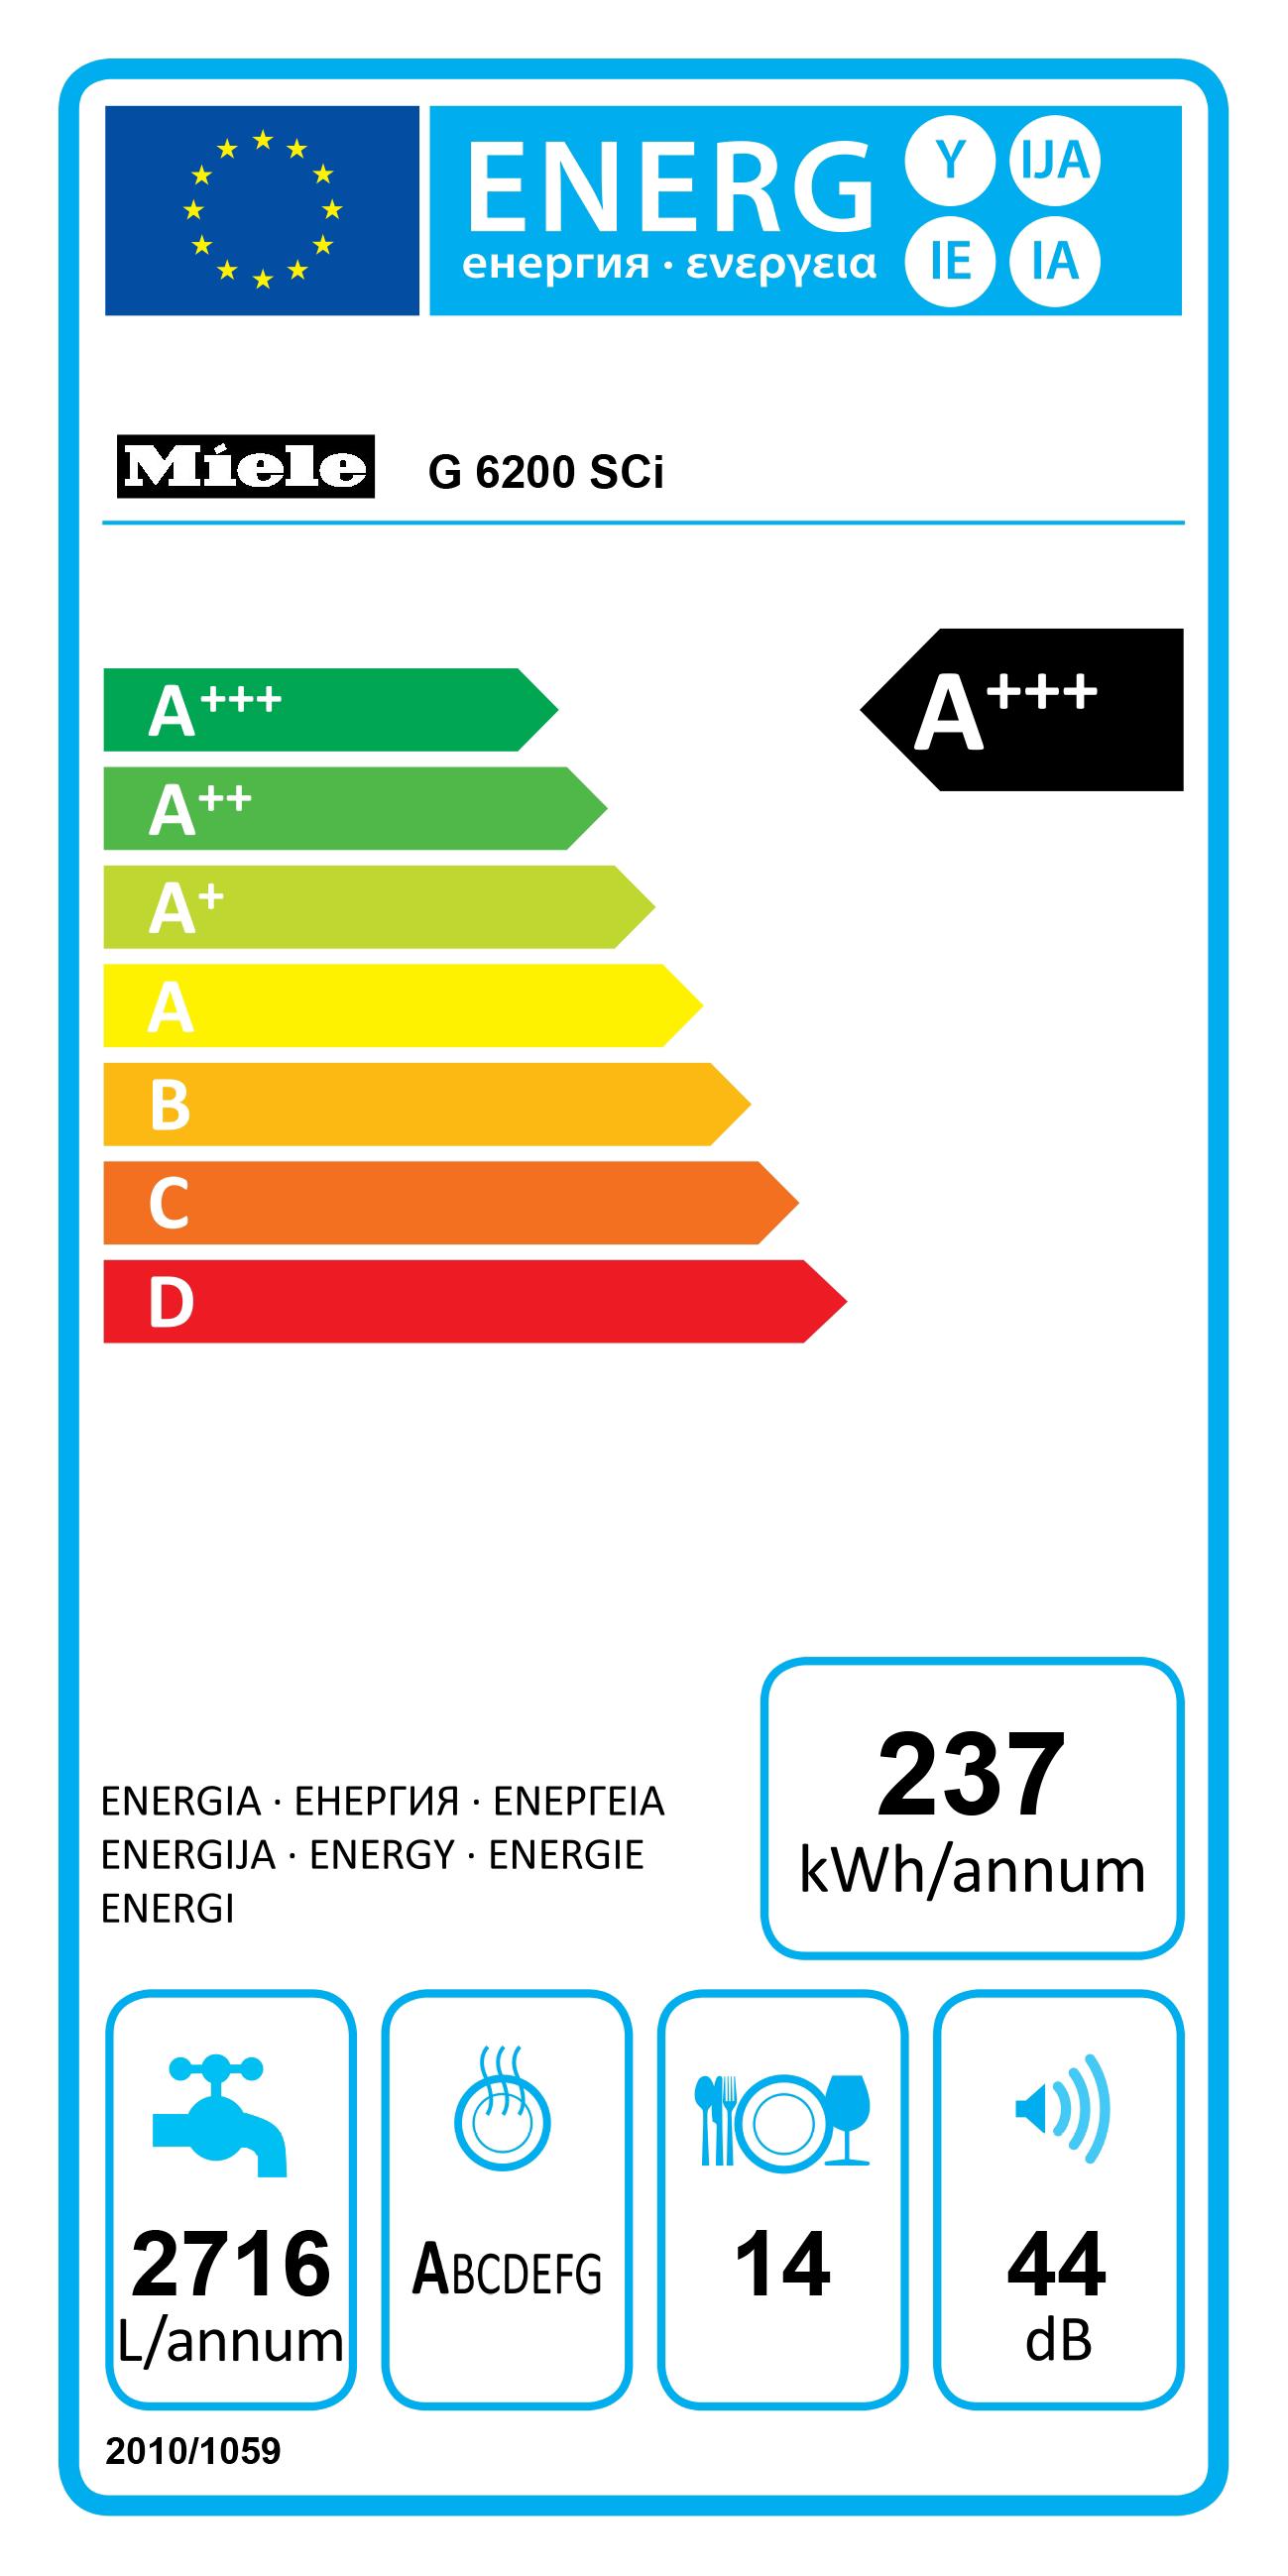 Ratgeber für energieeffiziente Küchengeräte | Elha Service